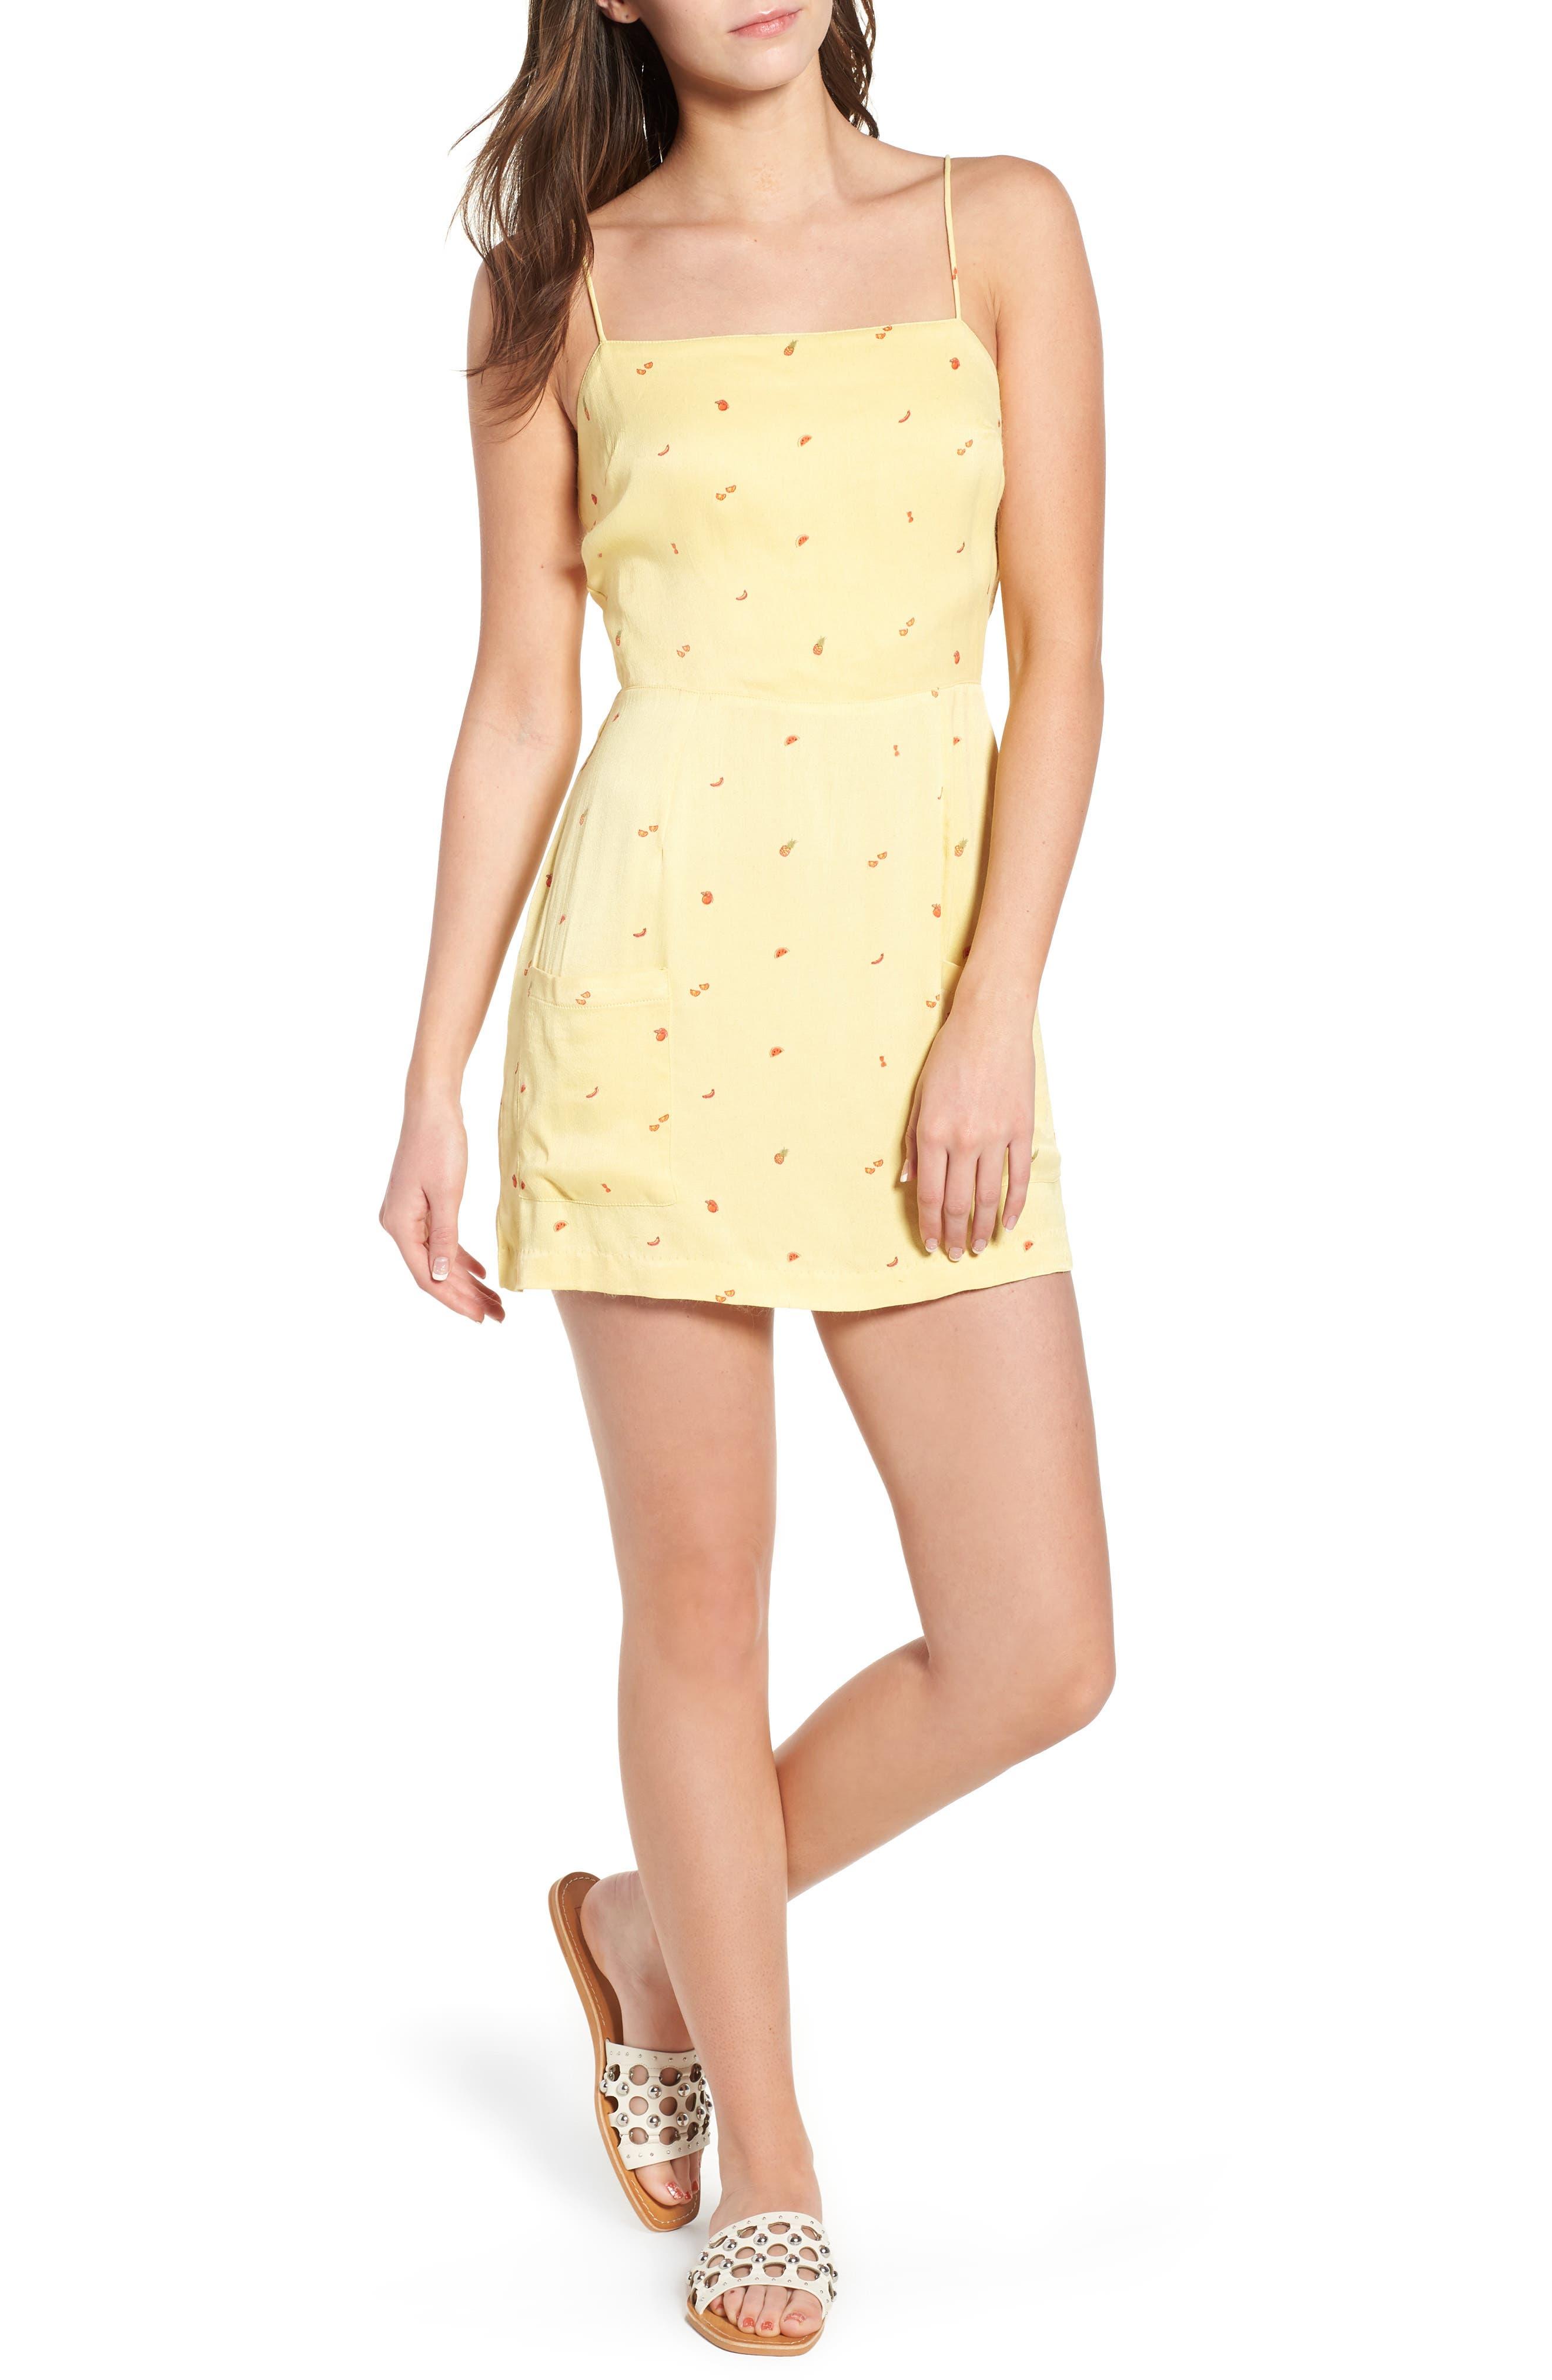 Shilo Fruit Print Minidress,                         Main,                         color, Yellow Multi